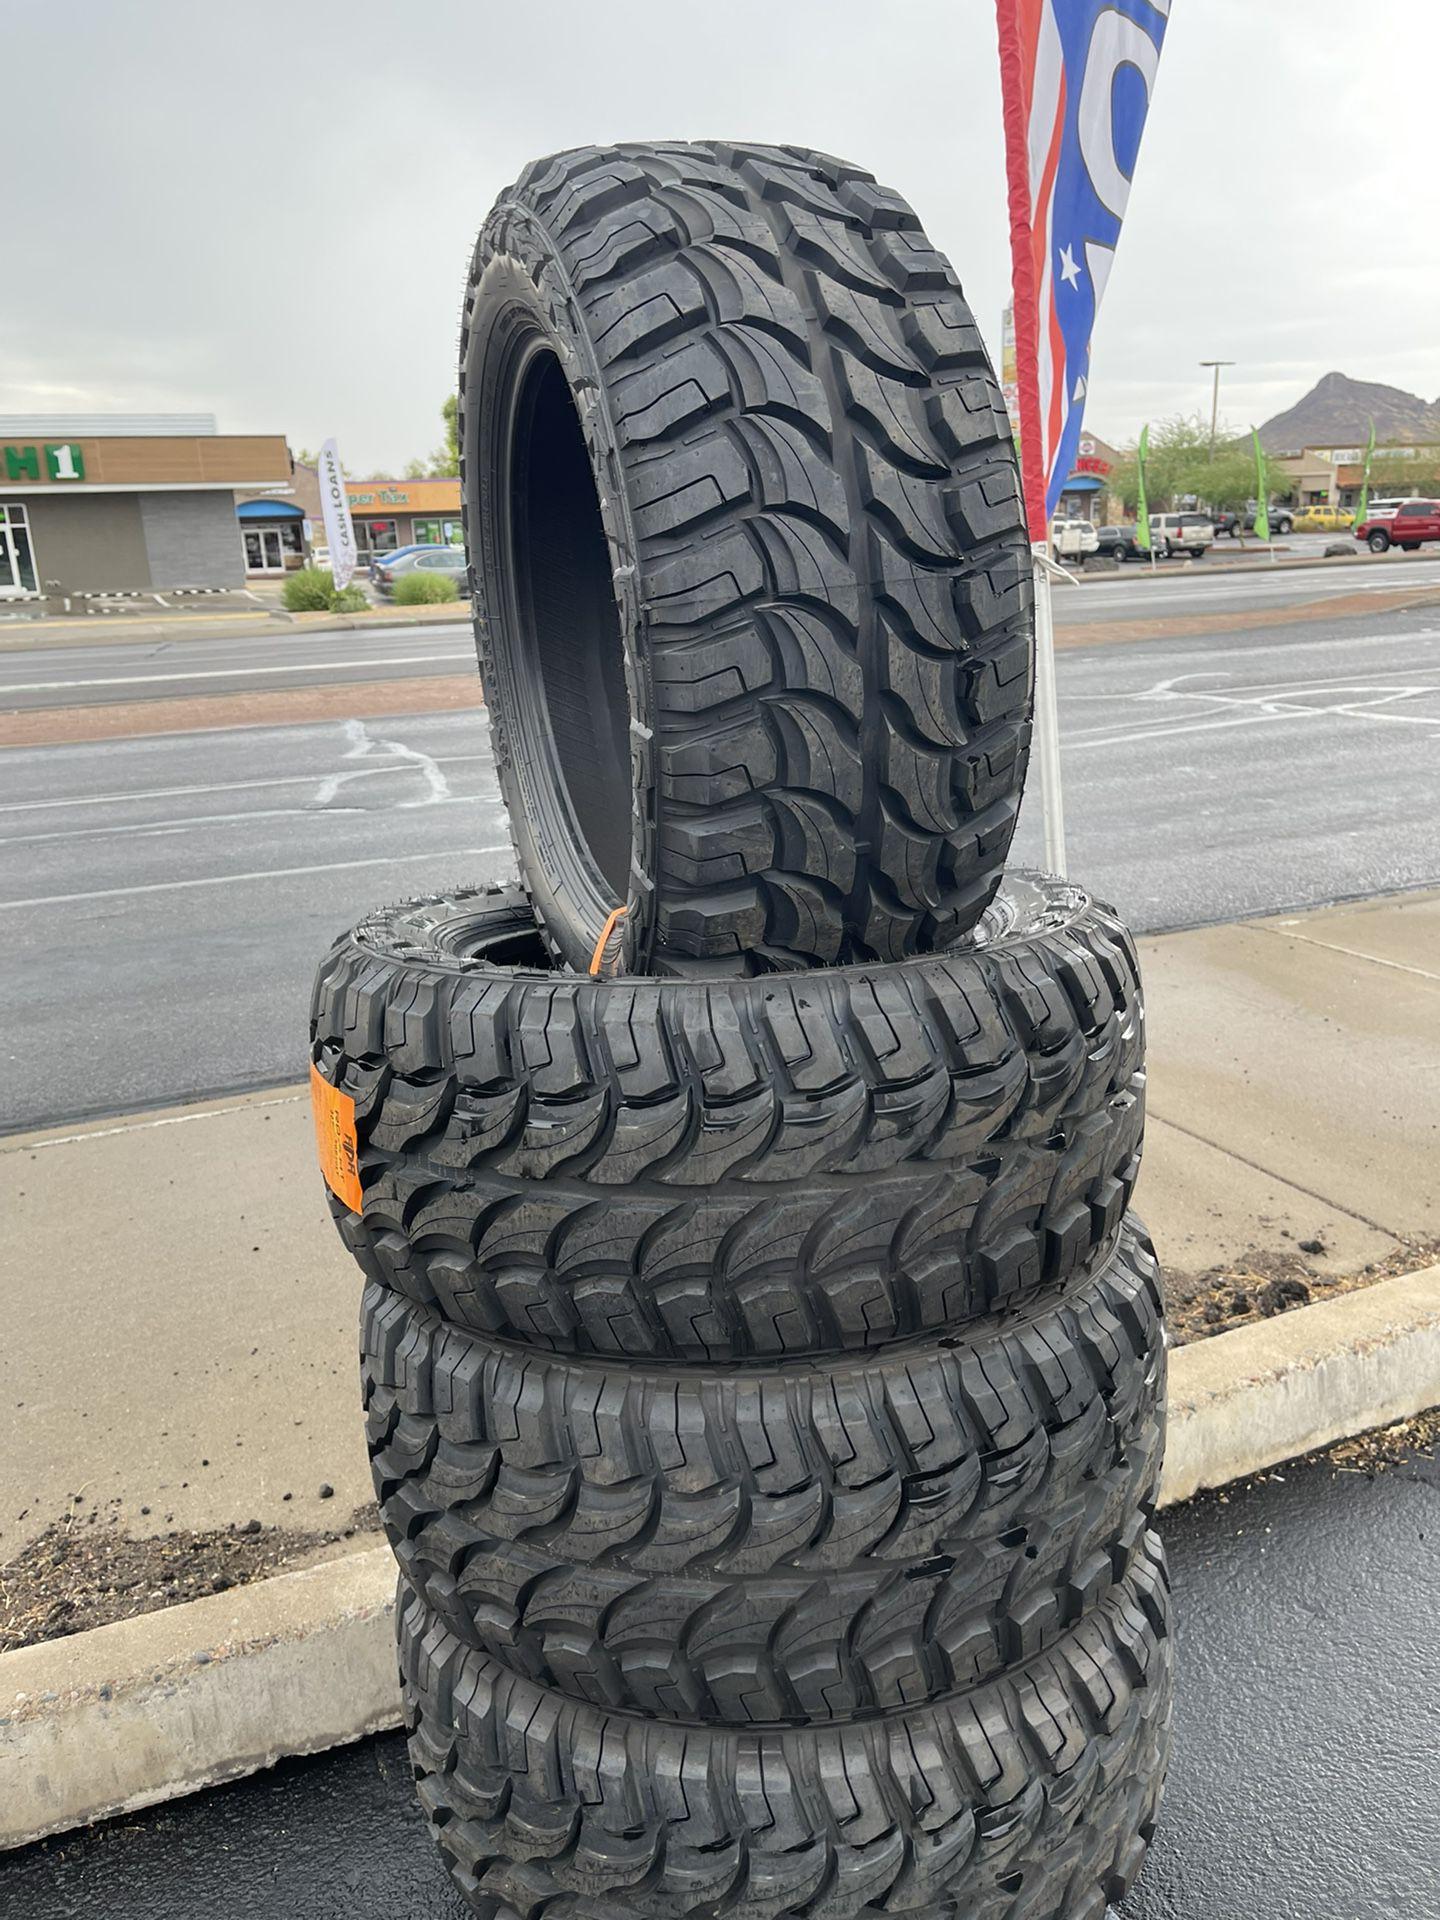 35x12.50r20 Mud Terrain Tires